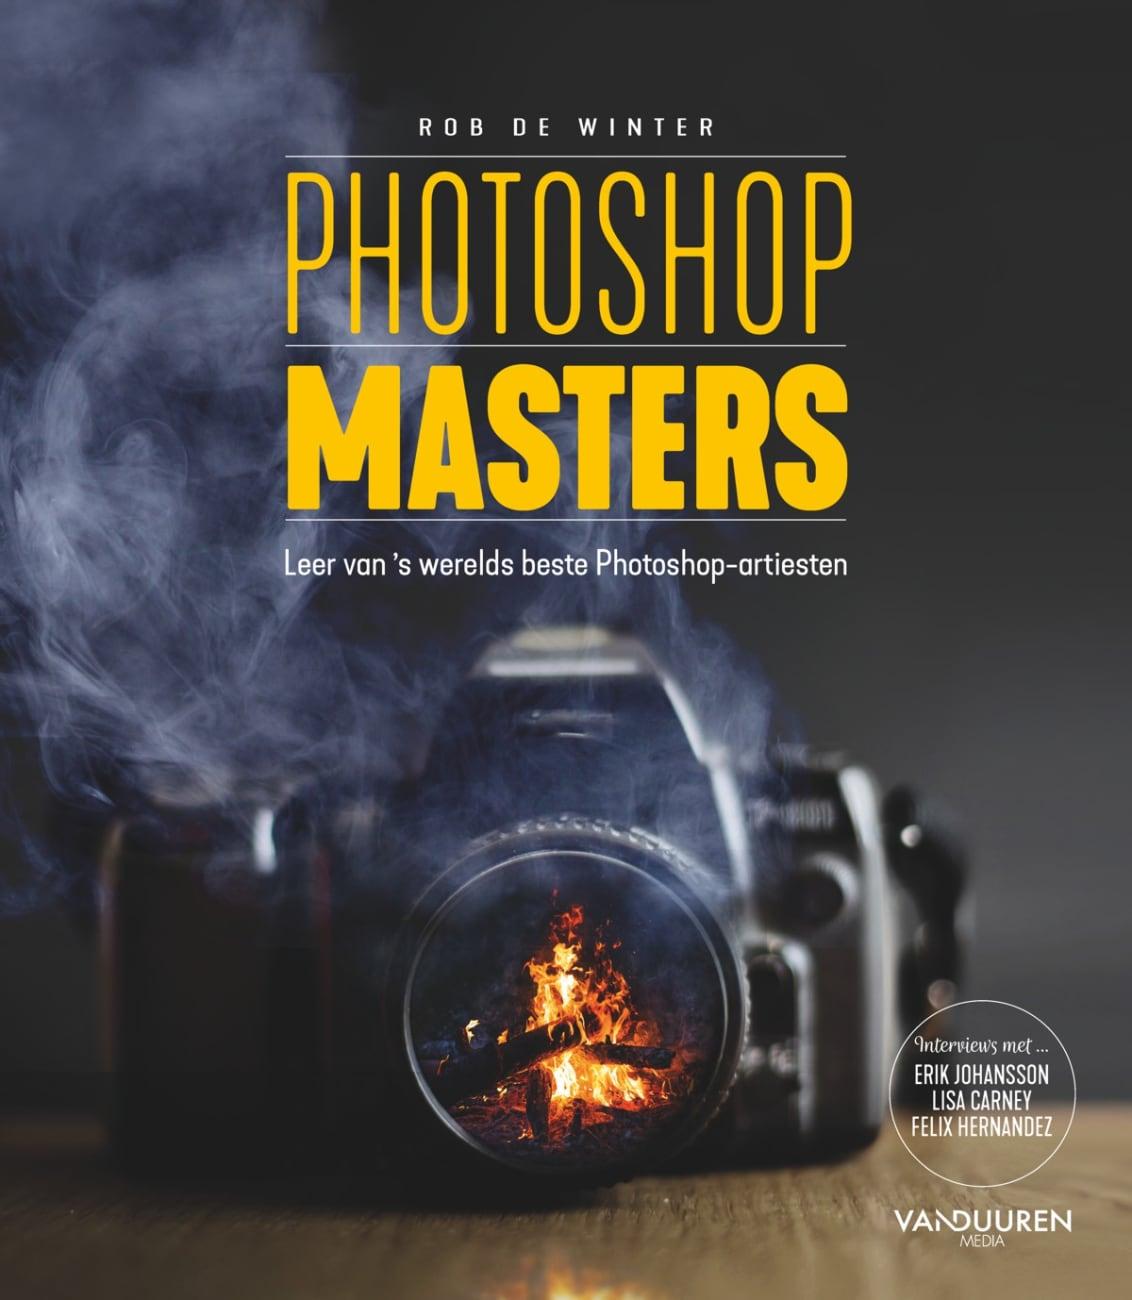 Photoshop Masters, 2e editie - Leer van 's werelds beste Photoshop-artiesten door Rob de Winter, isbn 9789463562232